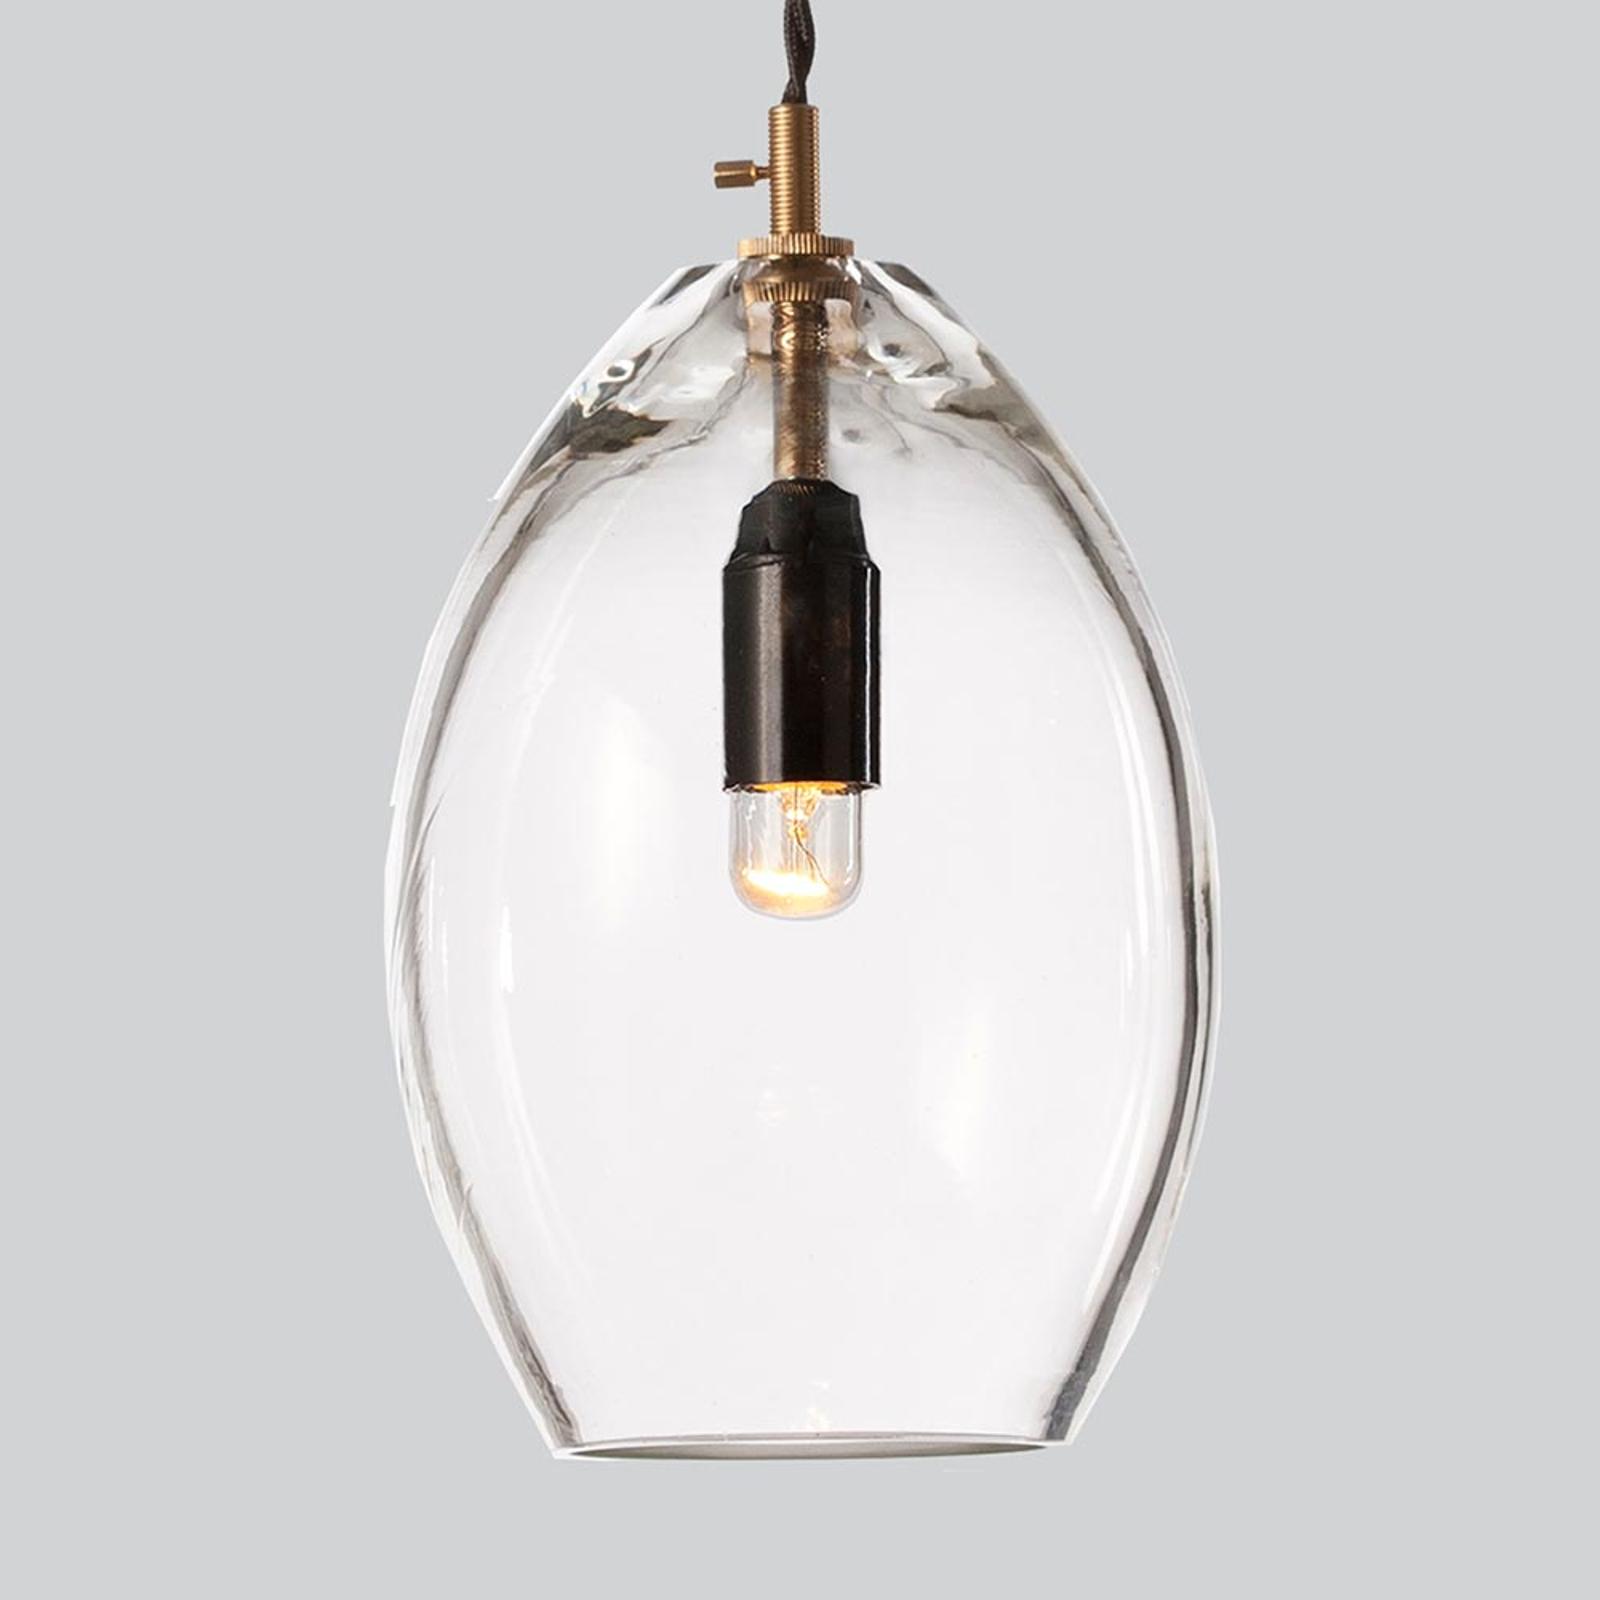 Przezroczysta szklana lampa wisząca Unika, 14 cm